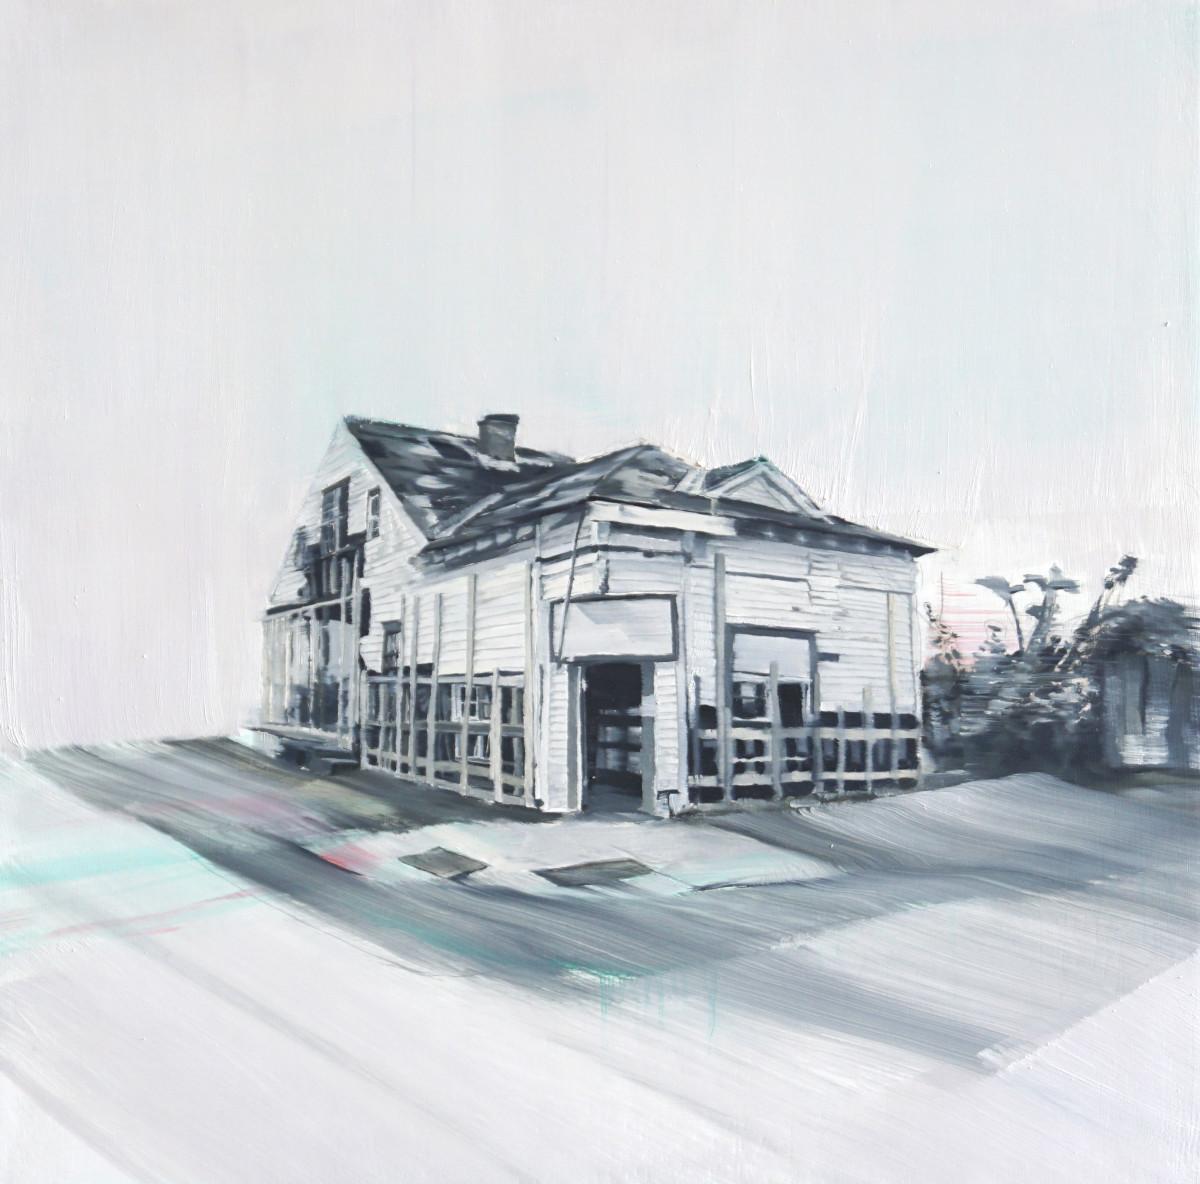 N Villere & Colombus by Tim Cavnar